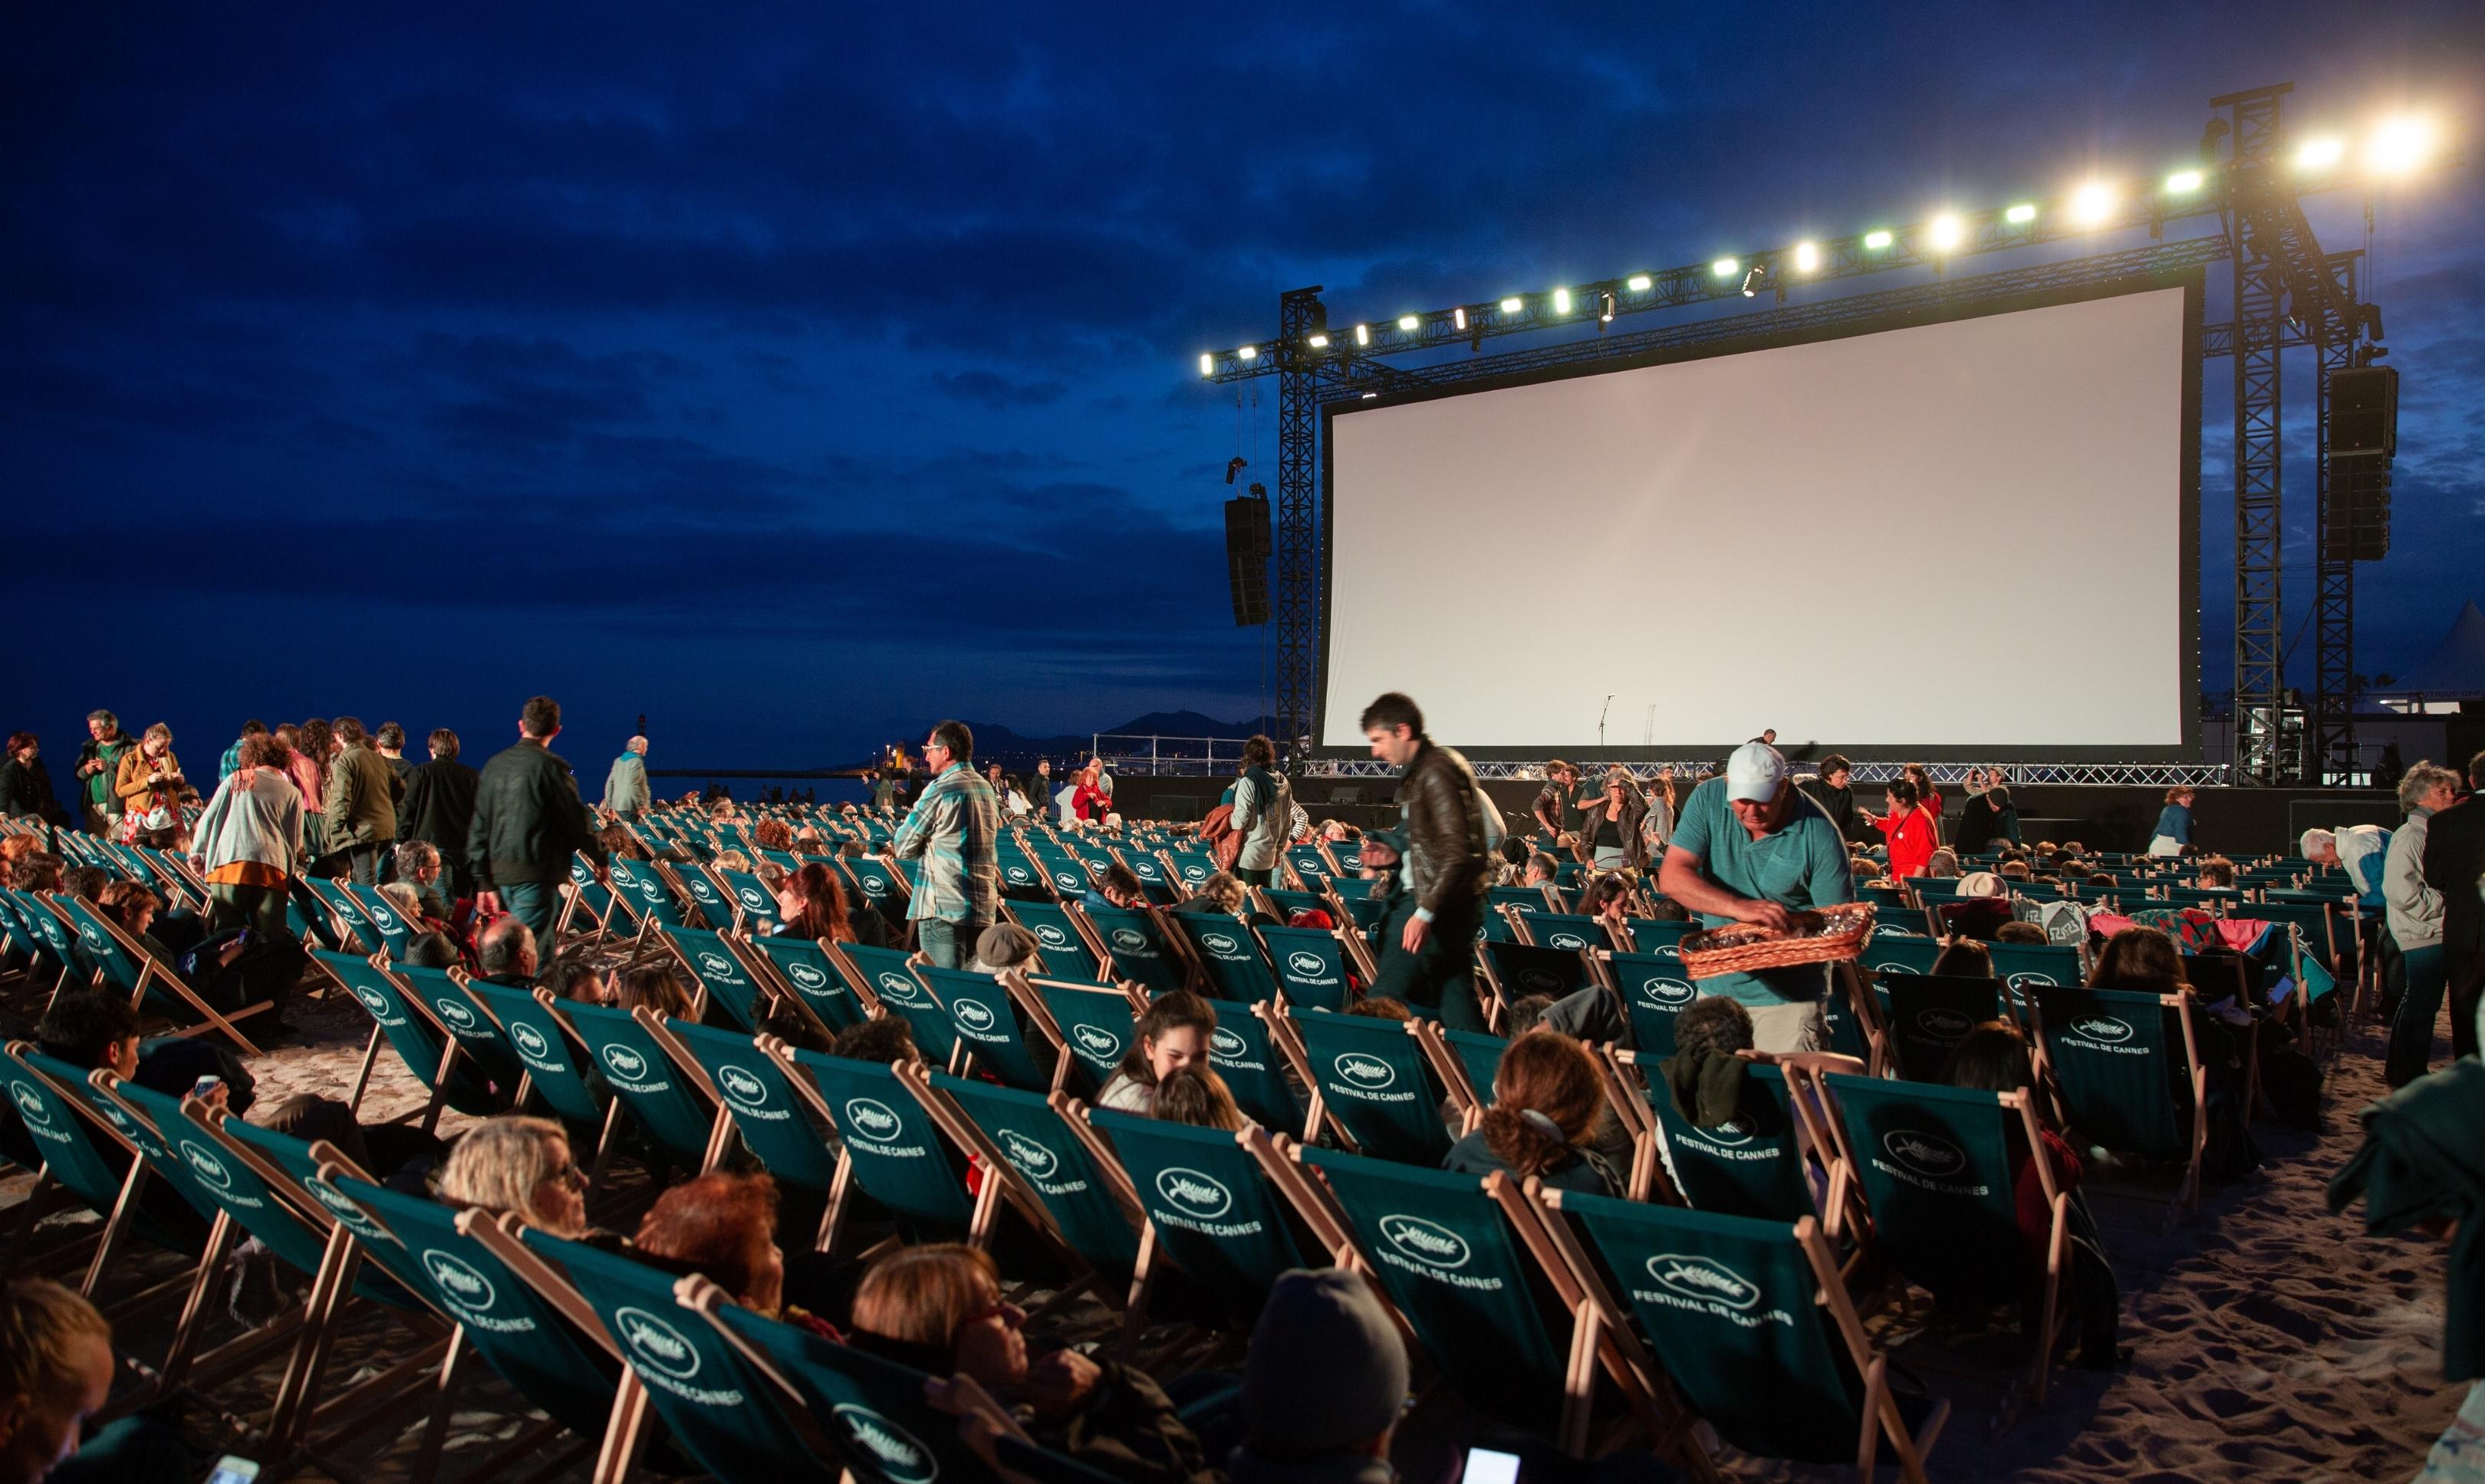 «Ночь кино» пройдет Екатеринбурге в августе